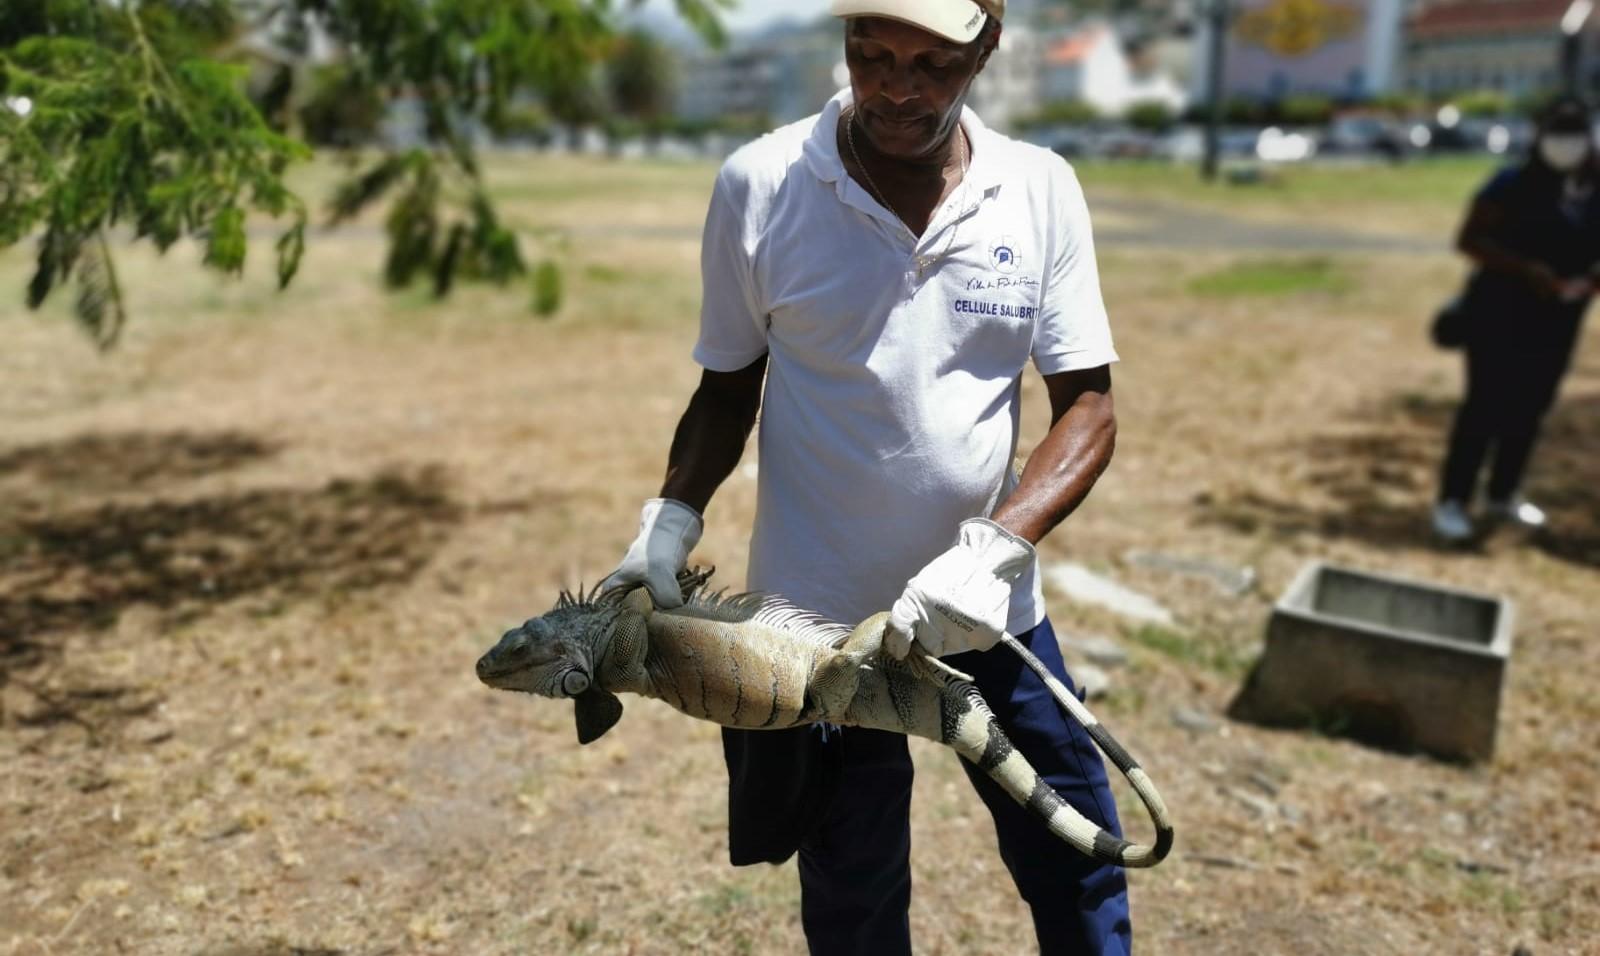 La ville de Fort-de-France capture des iguanes communs pour lutter contre leur prolifération